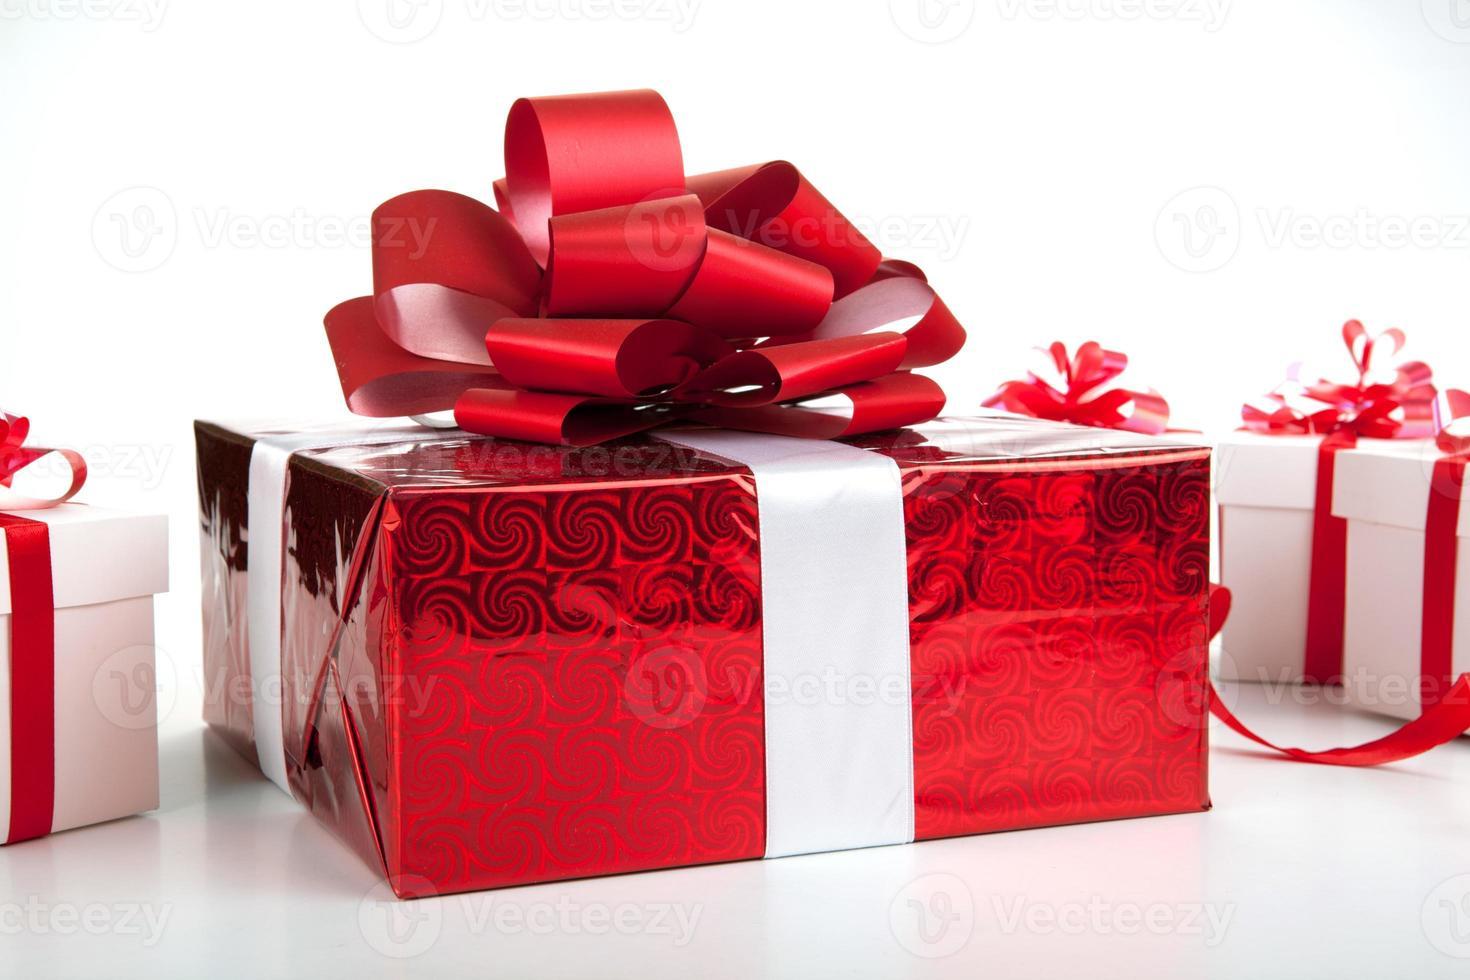 eine rote Geschenkbox weiße Geschenkboxen auf grau foto